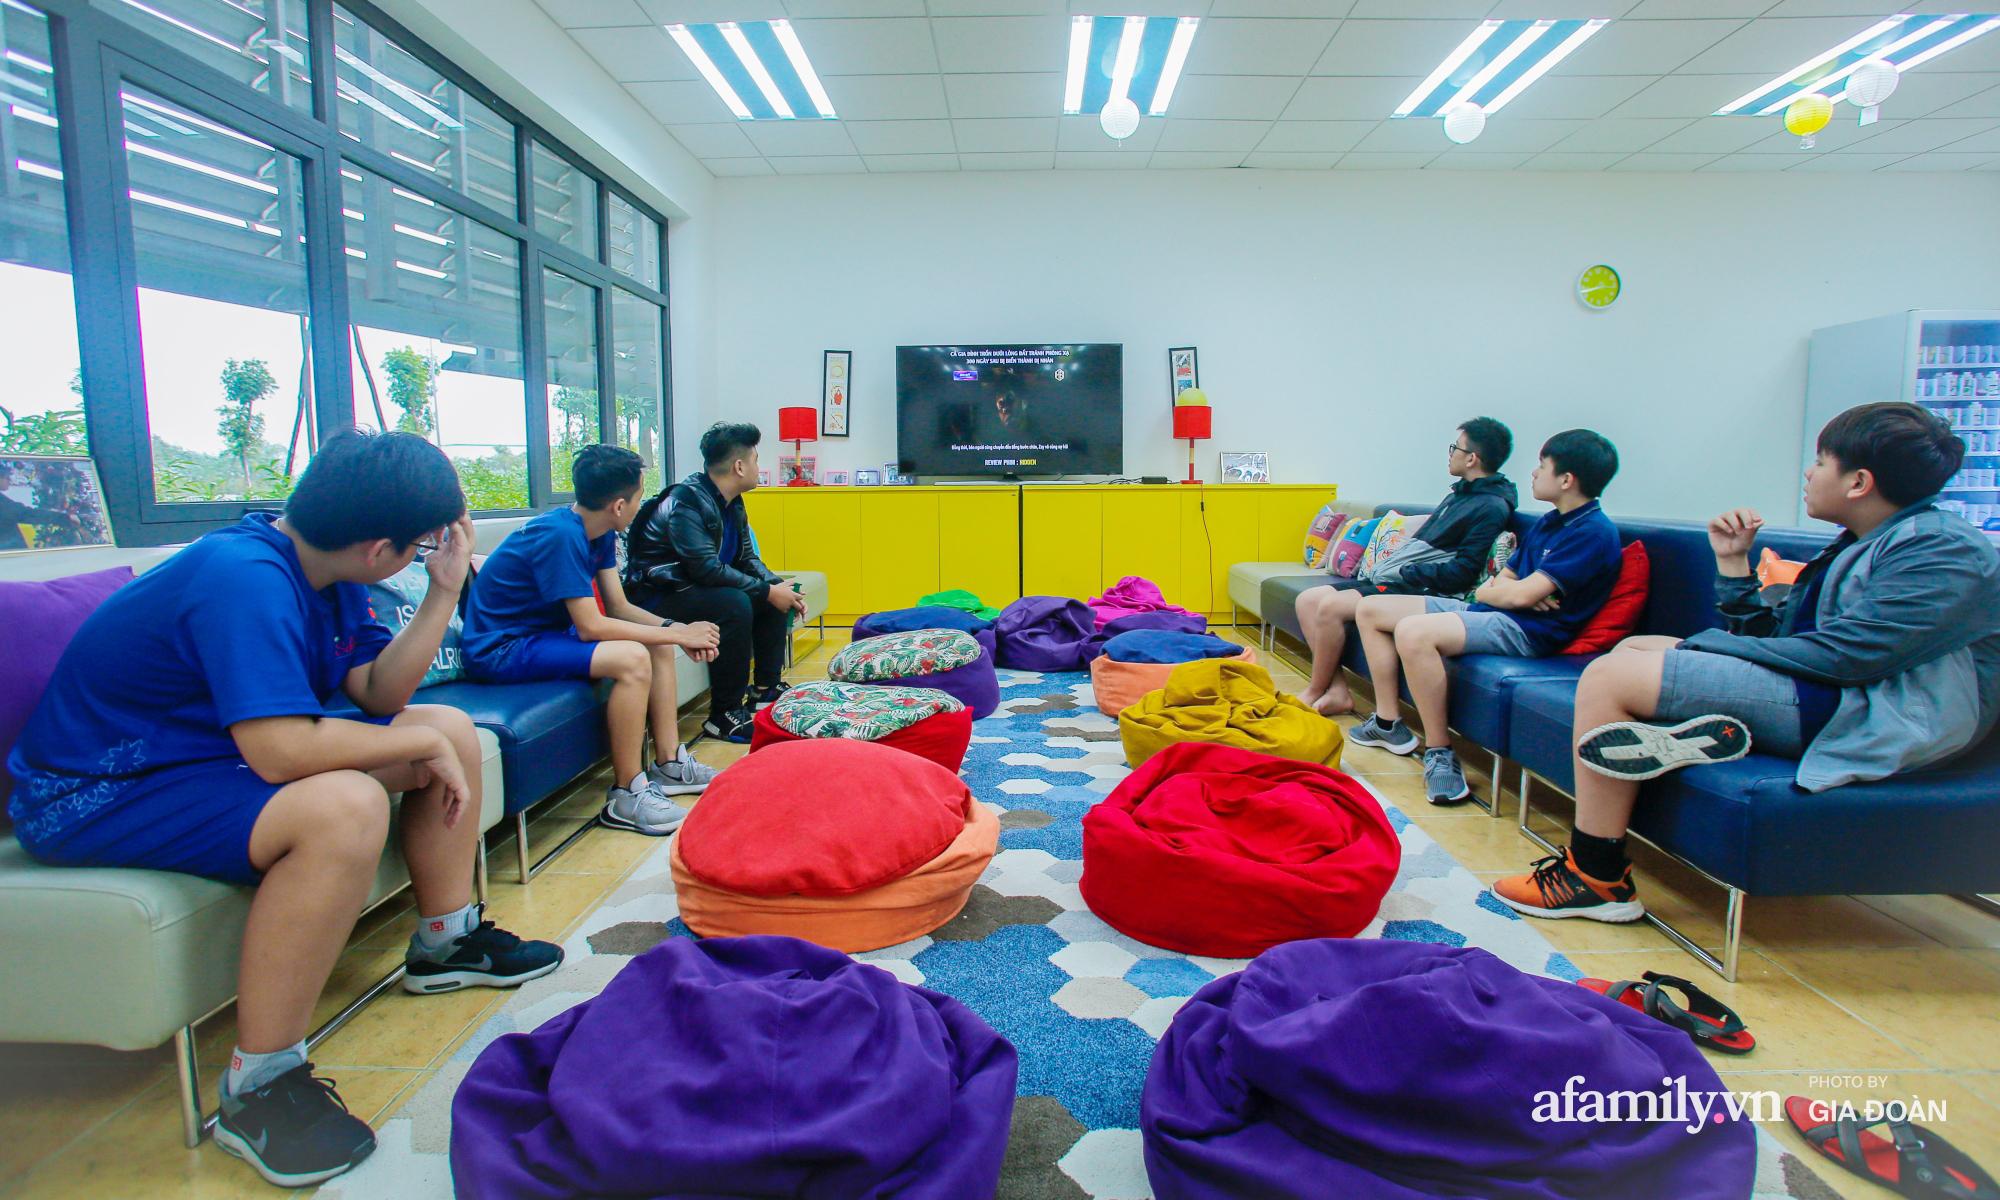 """""""Đột nhập"""" trường nội trú chuẩn quốc tế ở Hà Nội: Học phí nửa tỷ đồng/năm, con đi học một thời gian mà thay đổi 180 độ - Ảnh 14."""